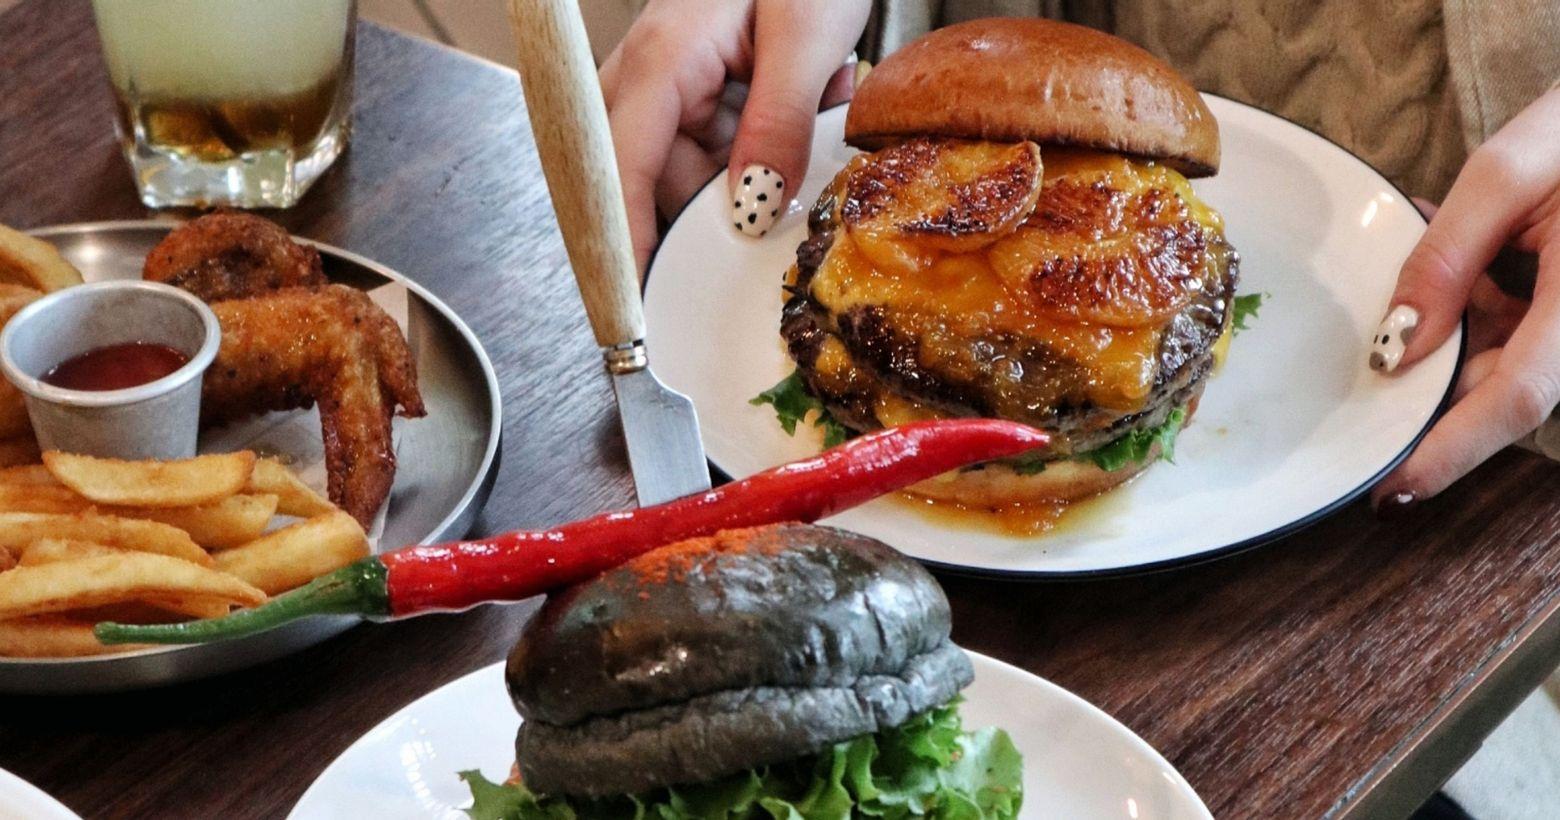 信義區喀漢堡吃漢堡更多圖片請看這裡🍔🍟🥗經過很多次卻沒機會進去的漢堡店漢堡肉都是選用美國進口特